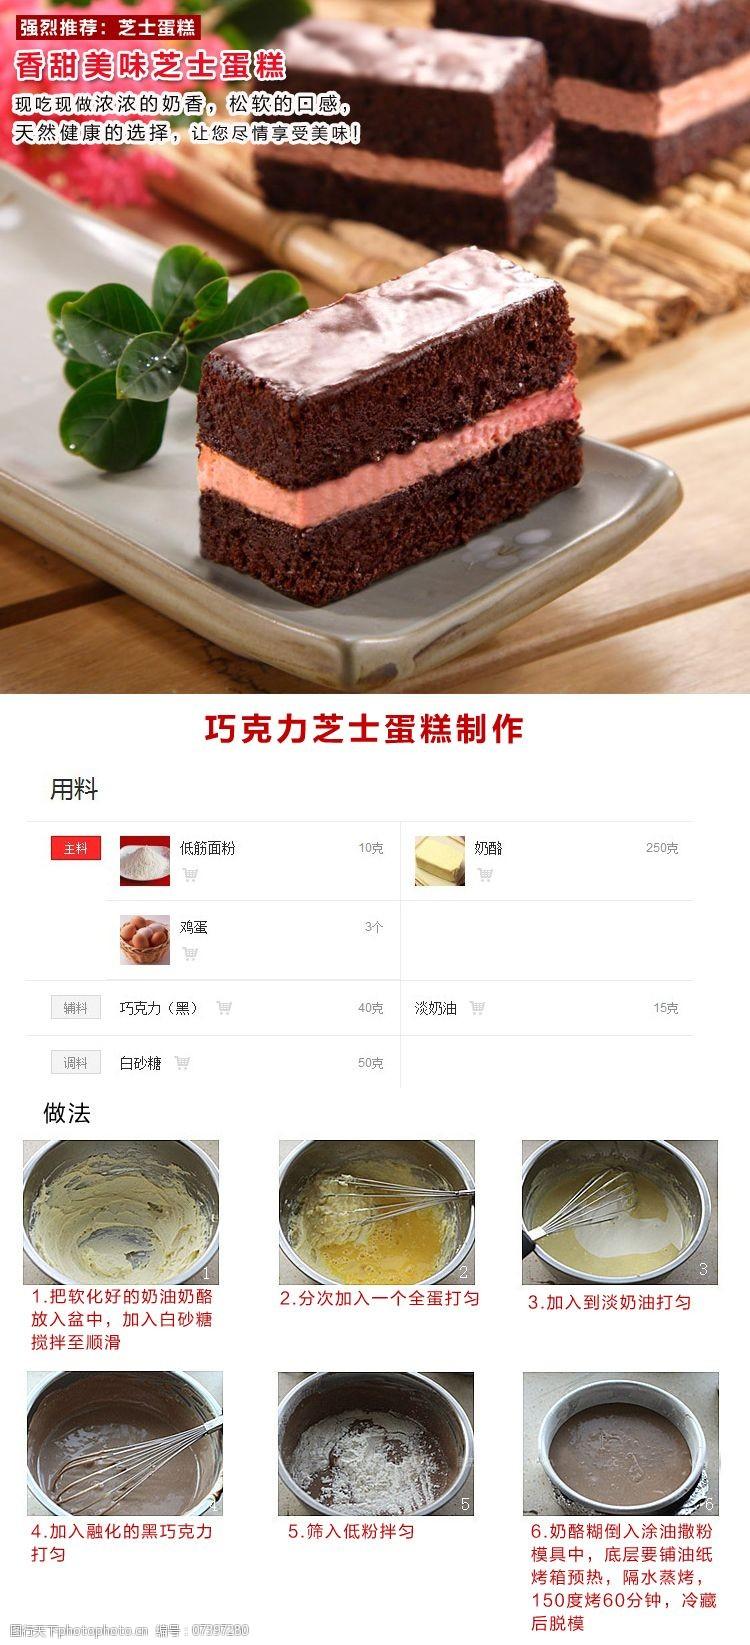 其他淘宝素材香甜美味芝士蛋糕做法